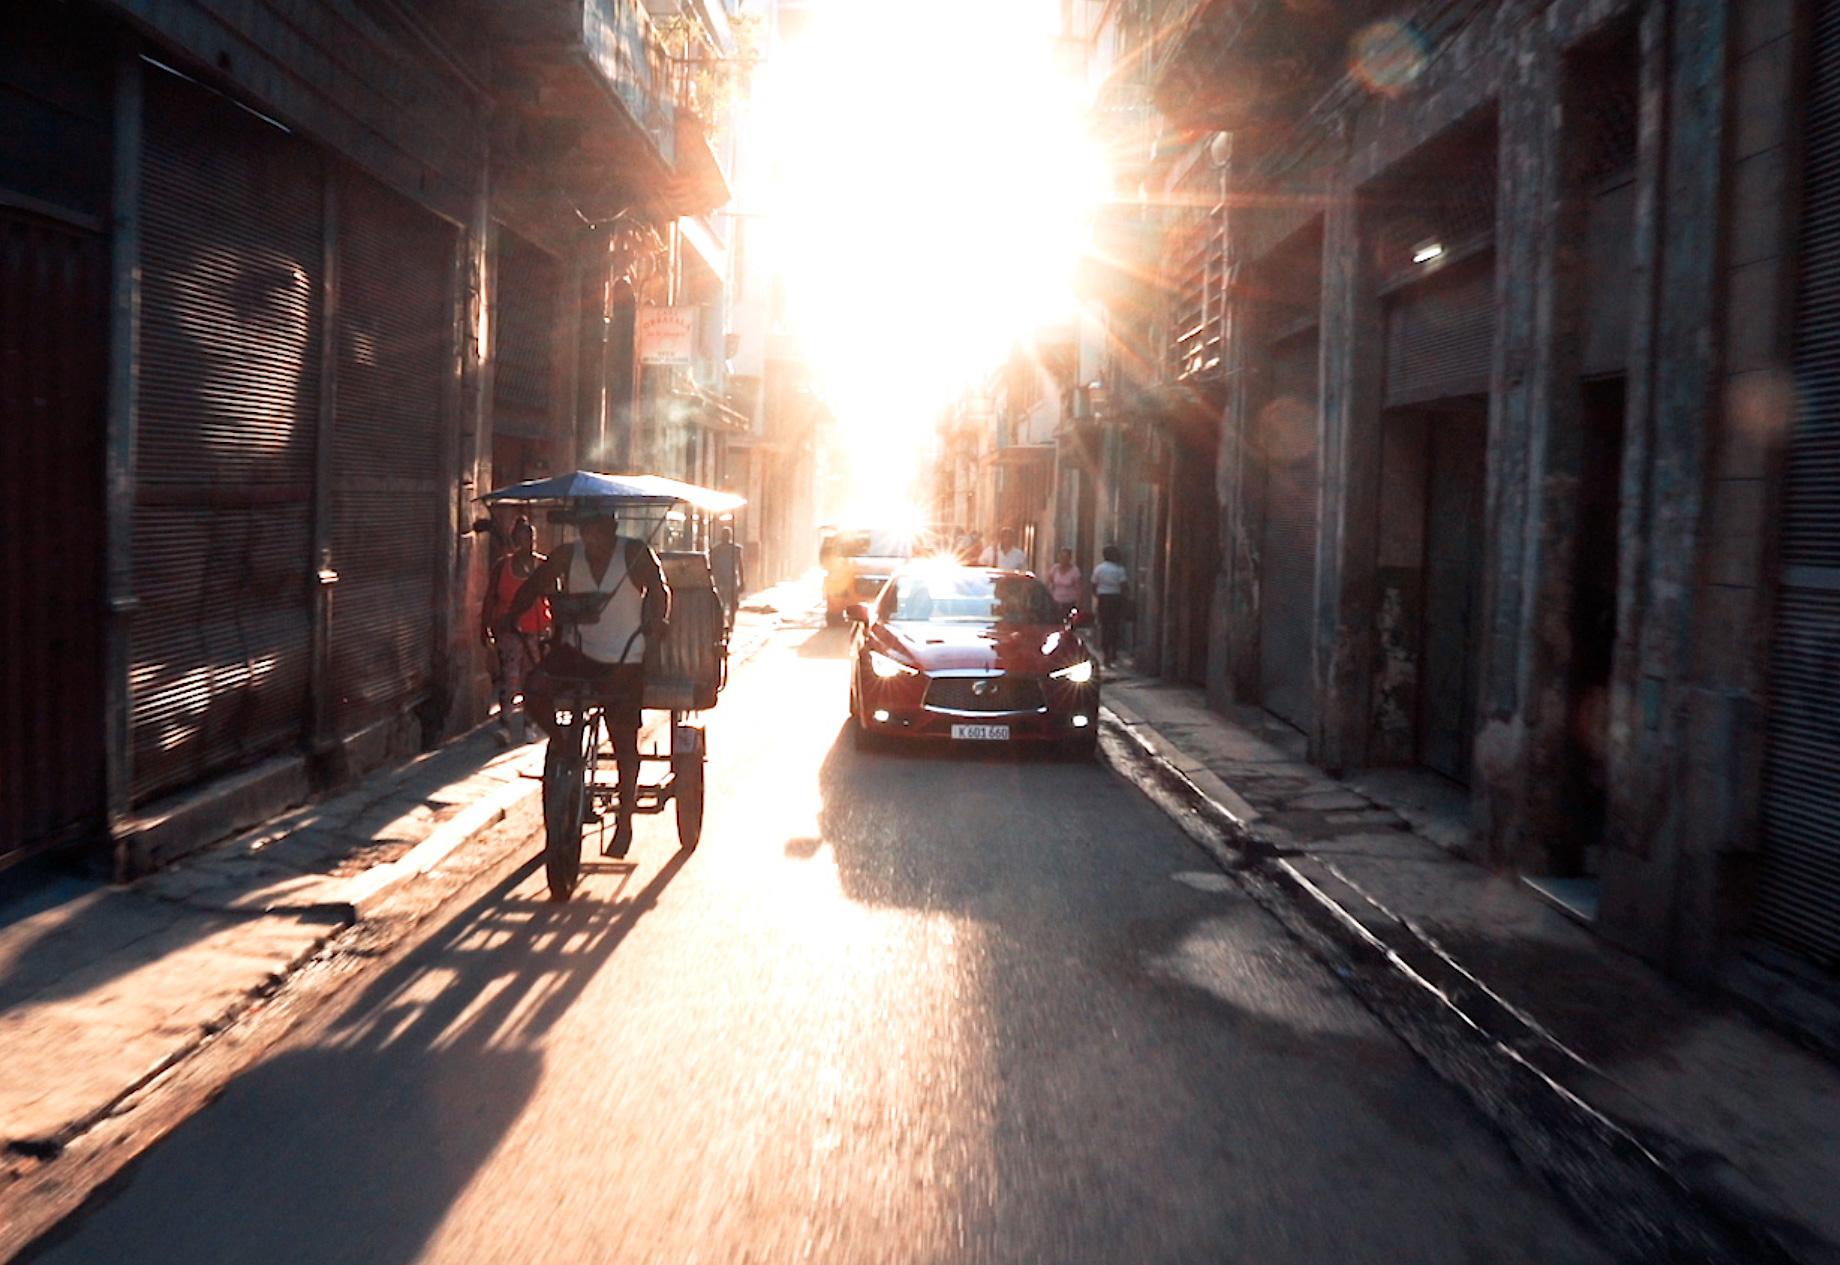 Alfonso_Albaisa_Infiniti_Cuba_20.jpg